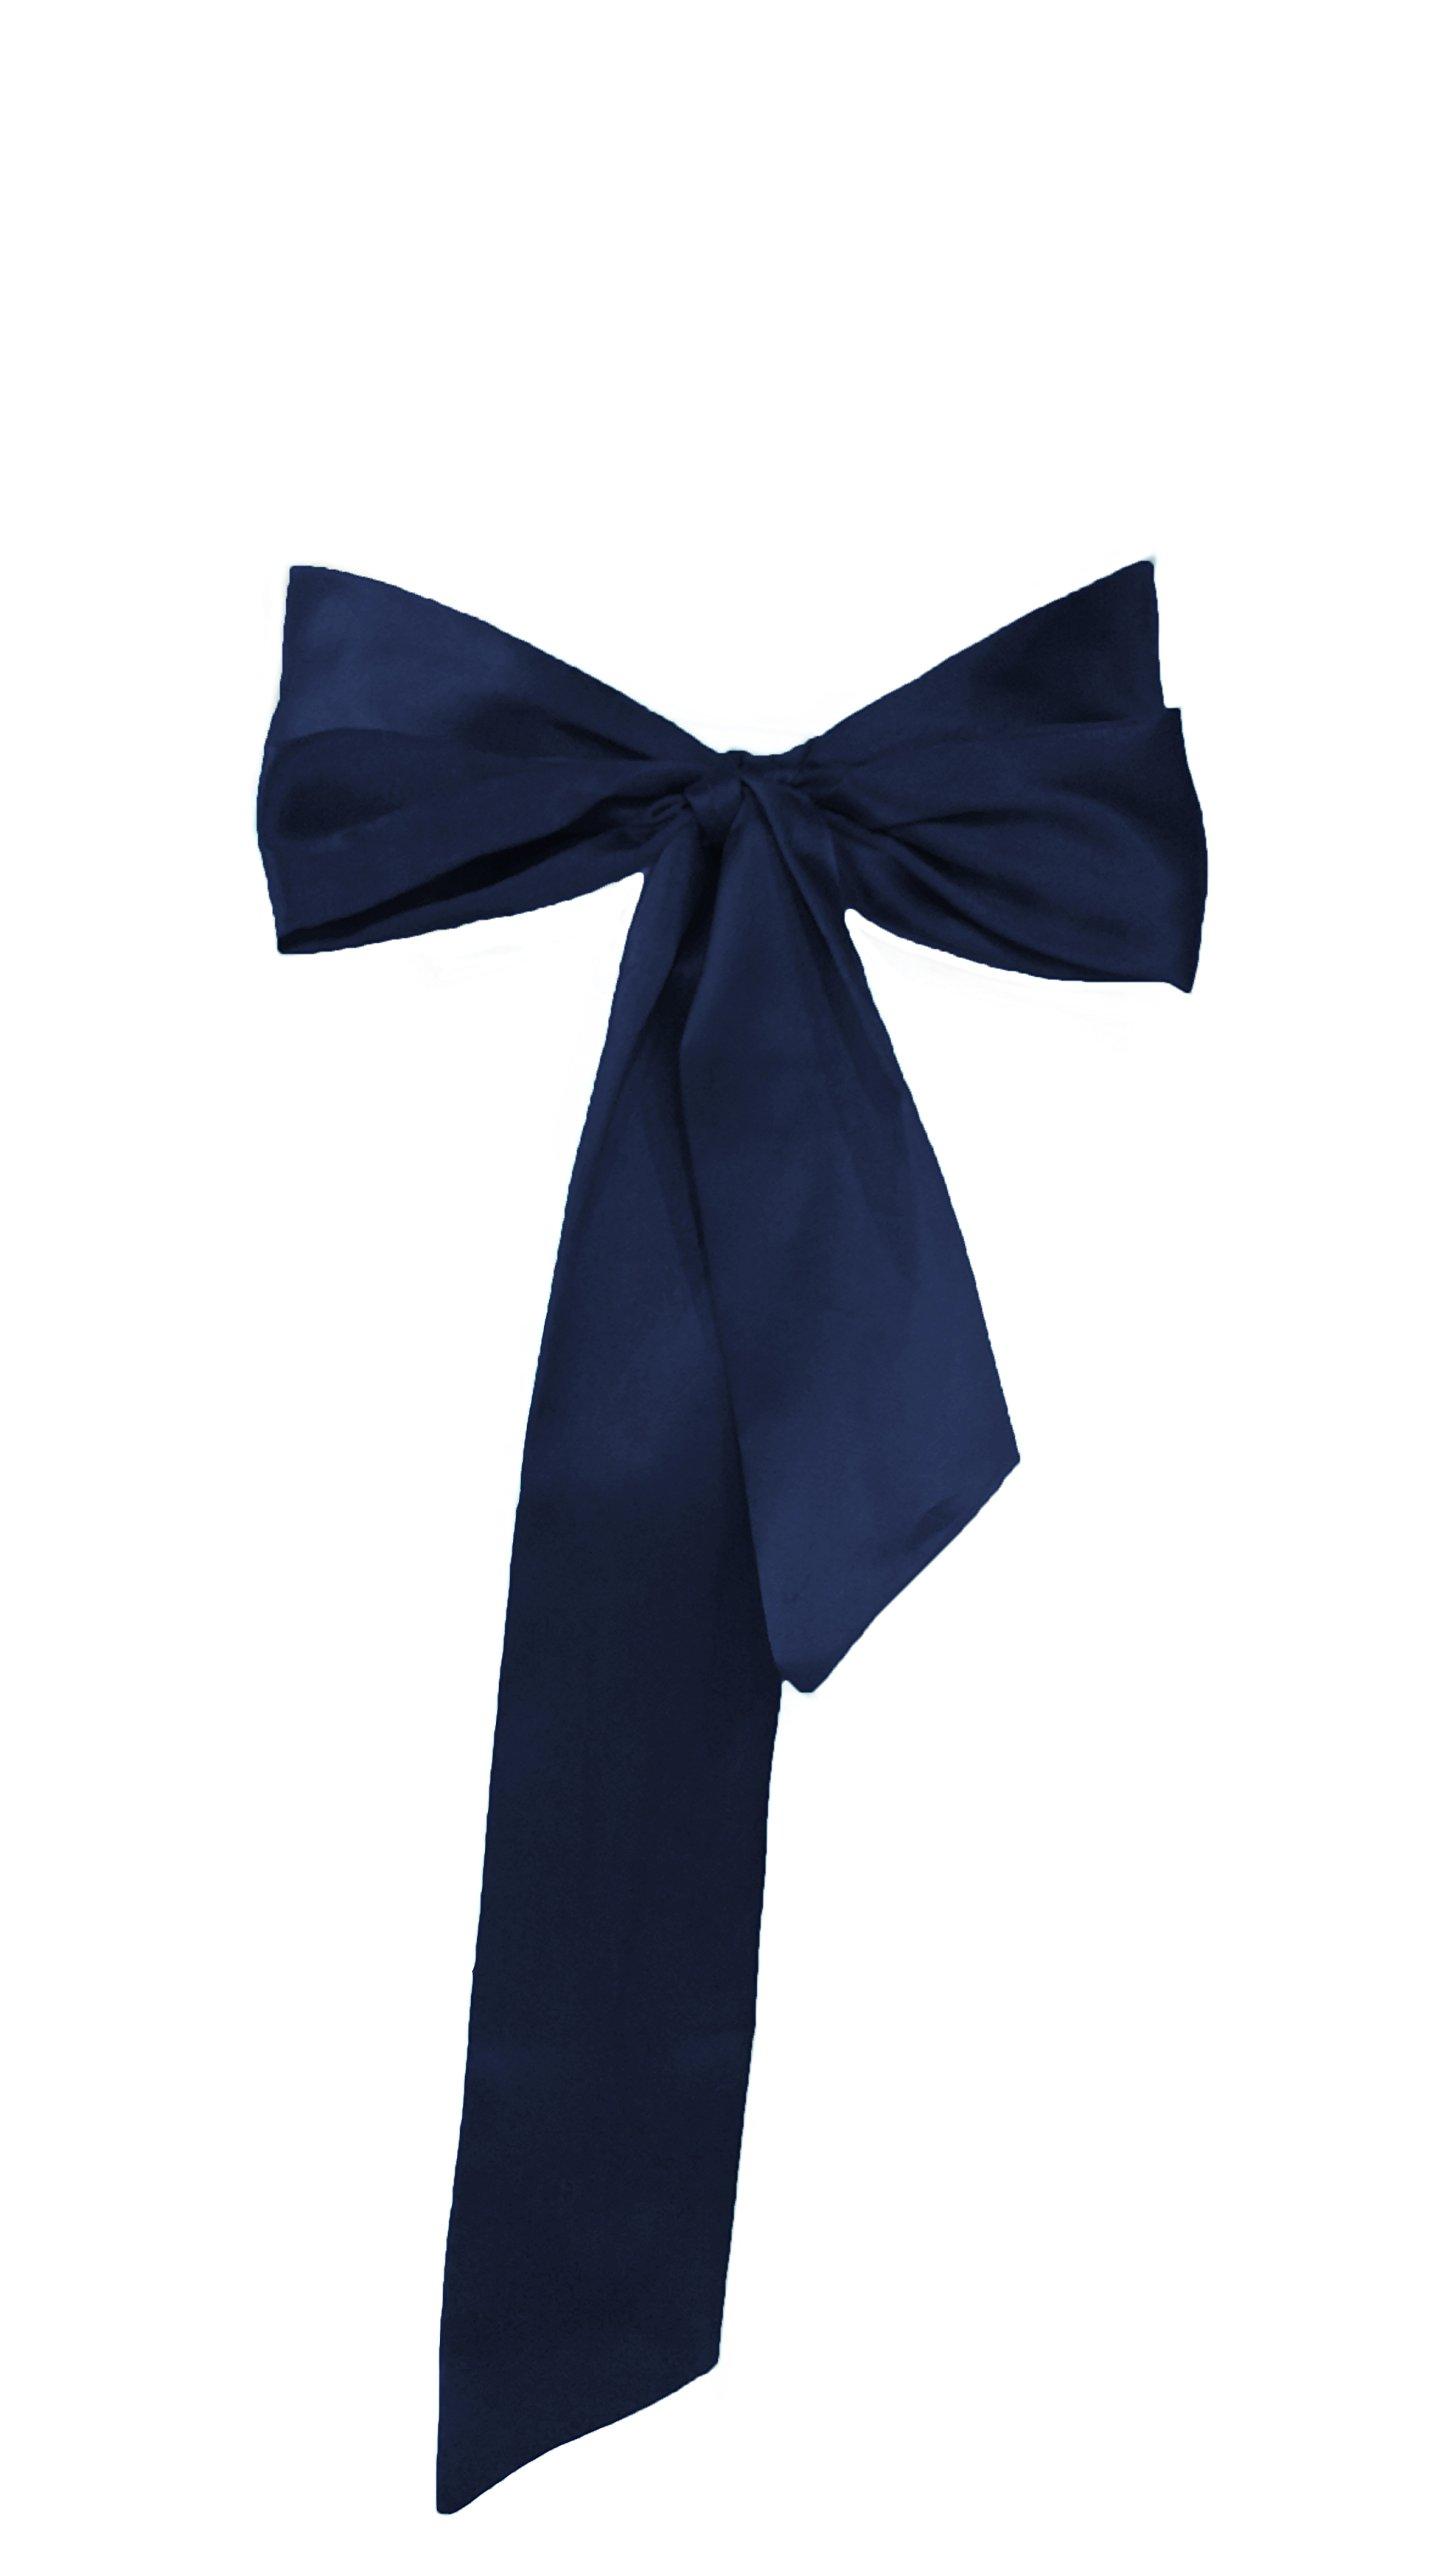 Dobelove Solid Color Satin Belt for Special Occasion Dress Bridal Sash (Navy) by Dobelove (Image #1)